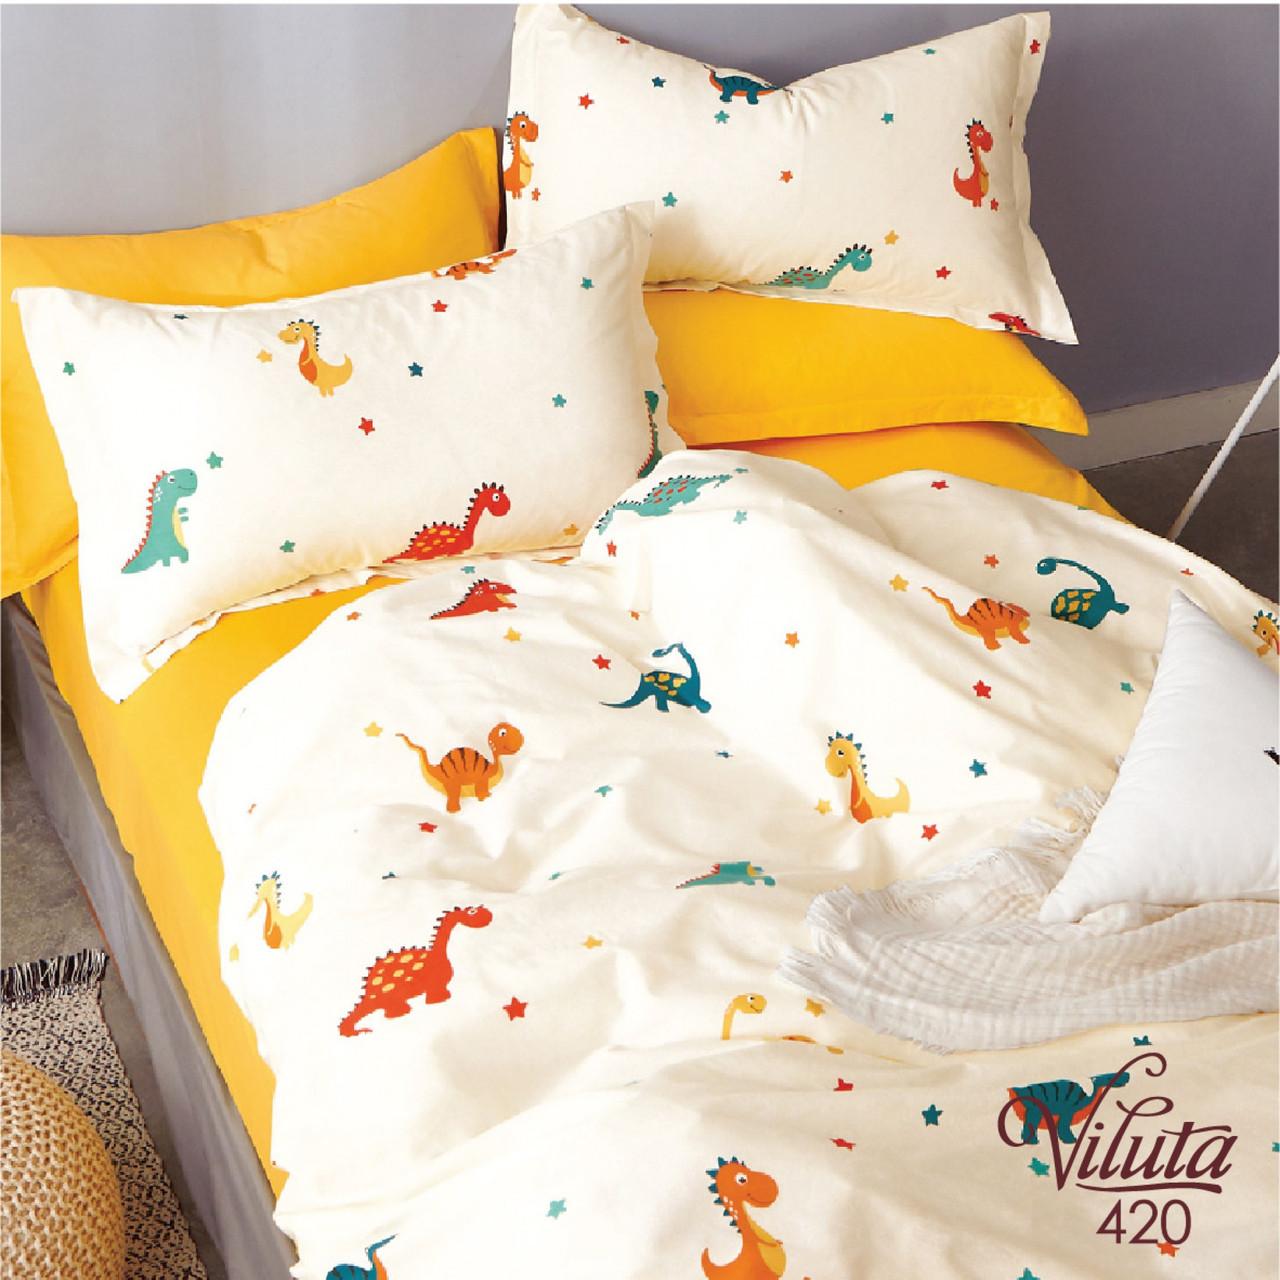 Постельное белье в детскую кроватку Viluta. Сатин 420